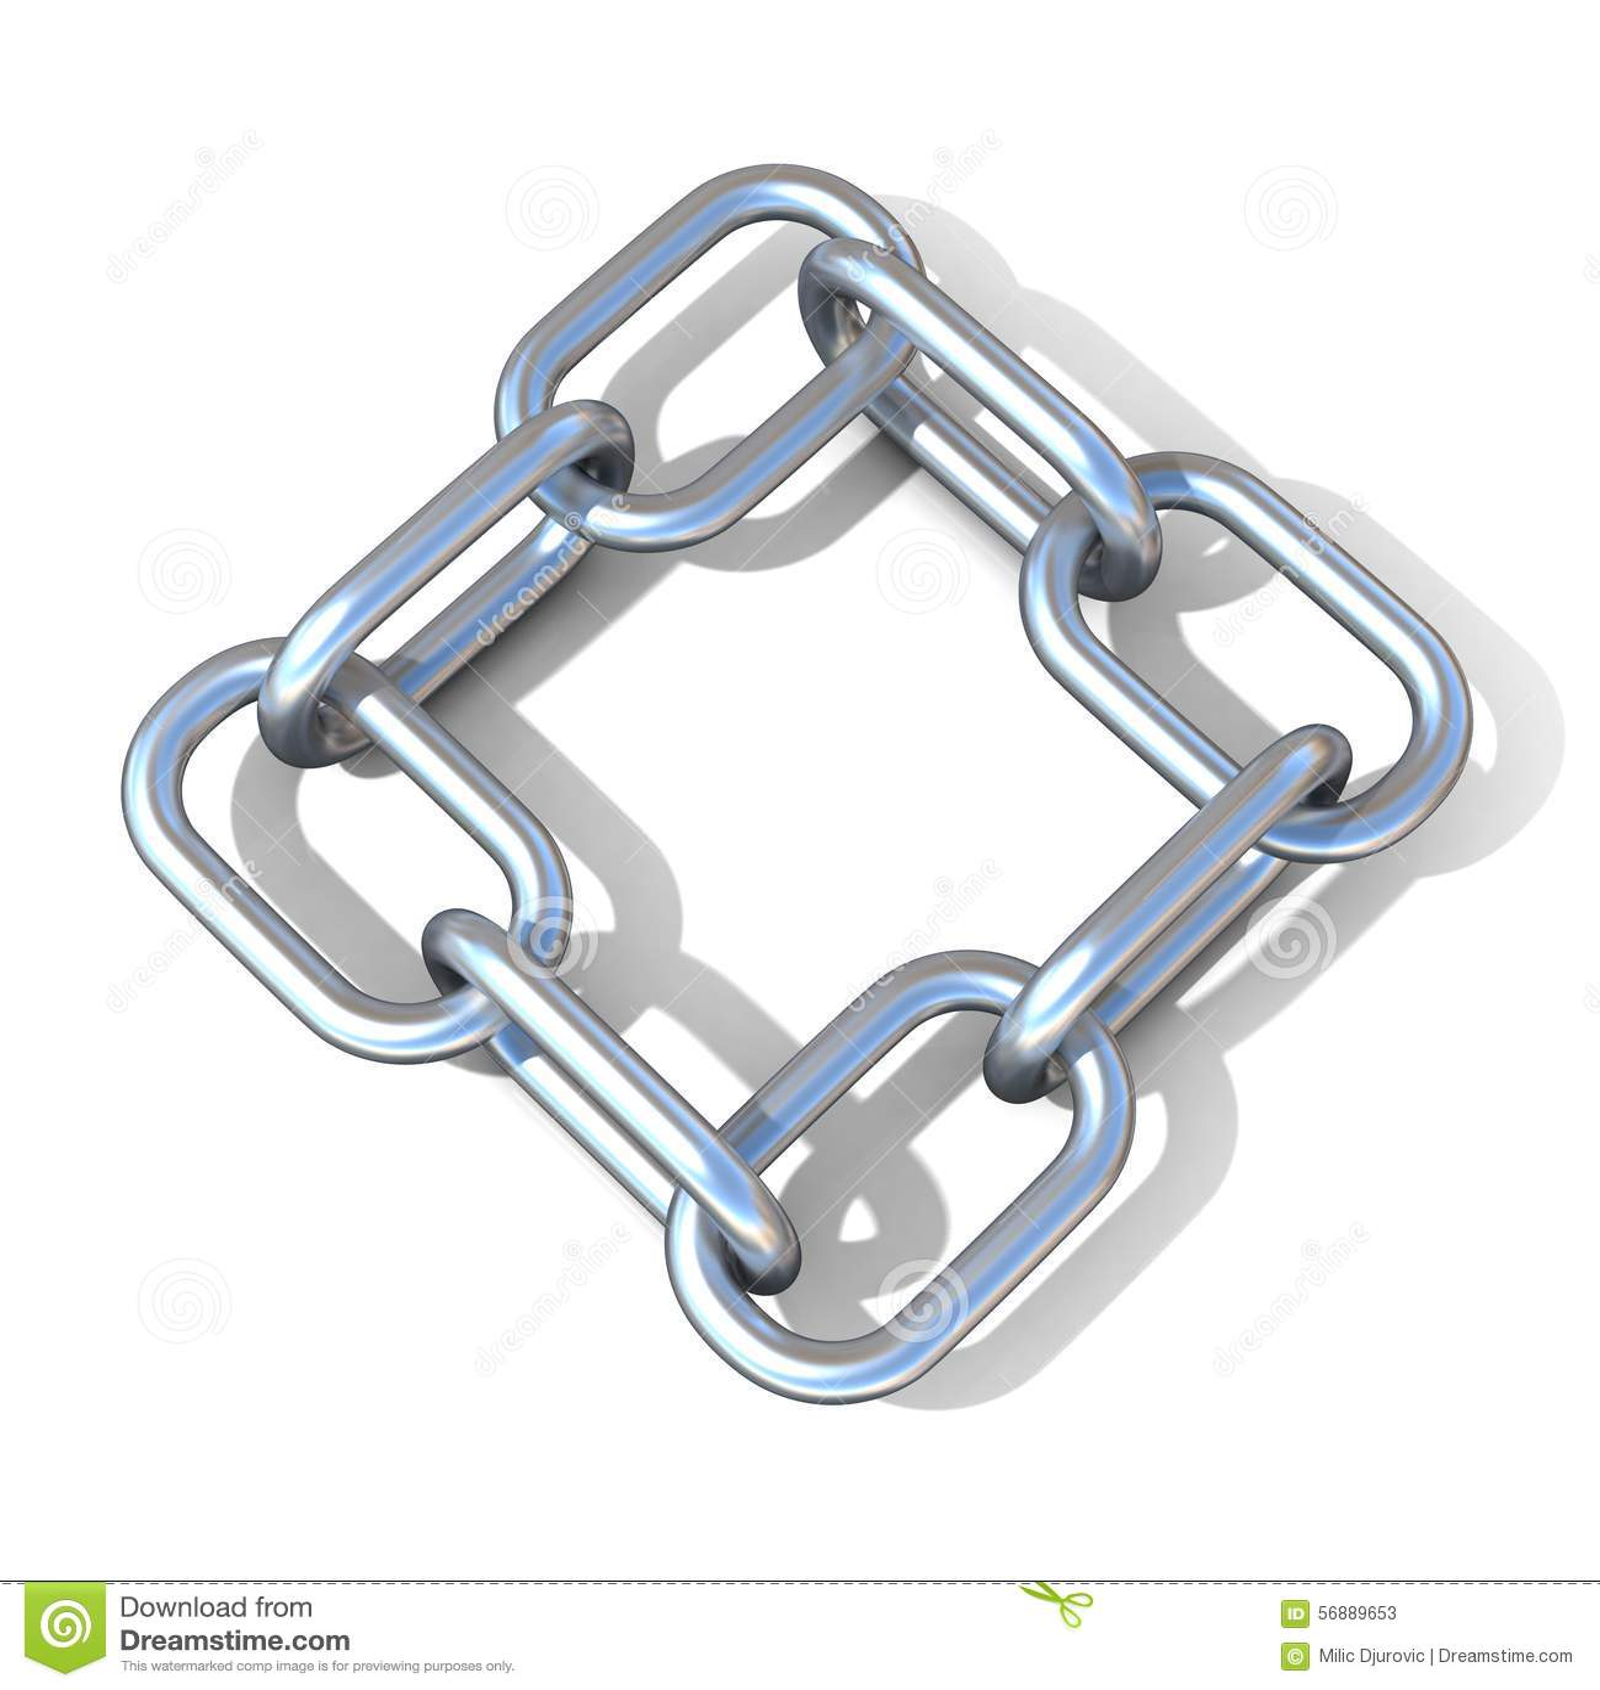 Illustrazione astratta 3D di un collegamento a catena d acciaio Vista superiore